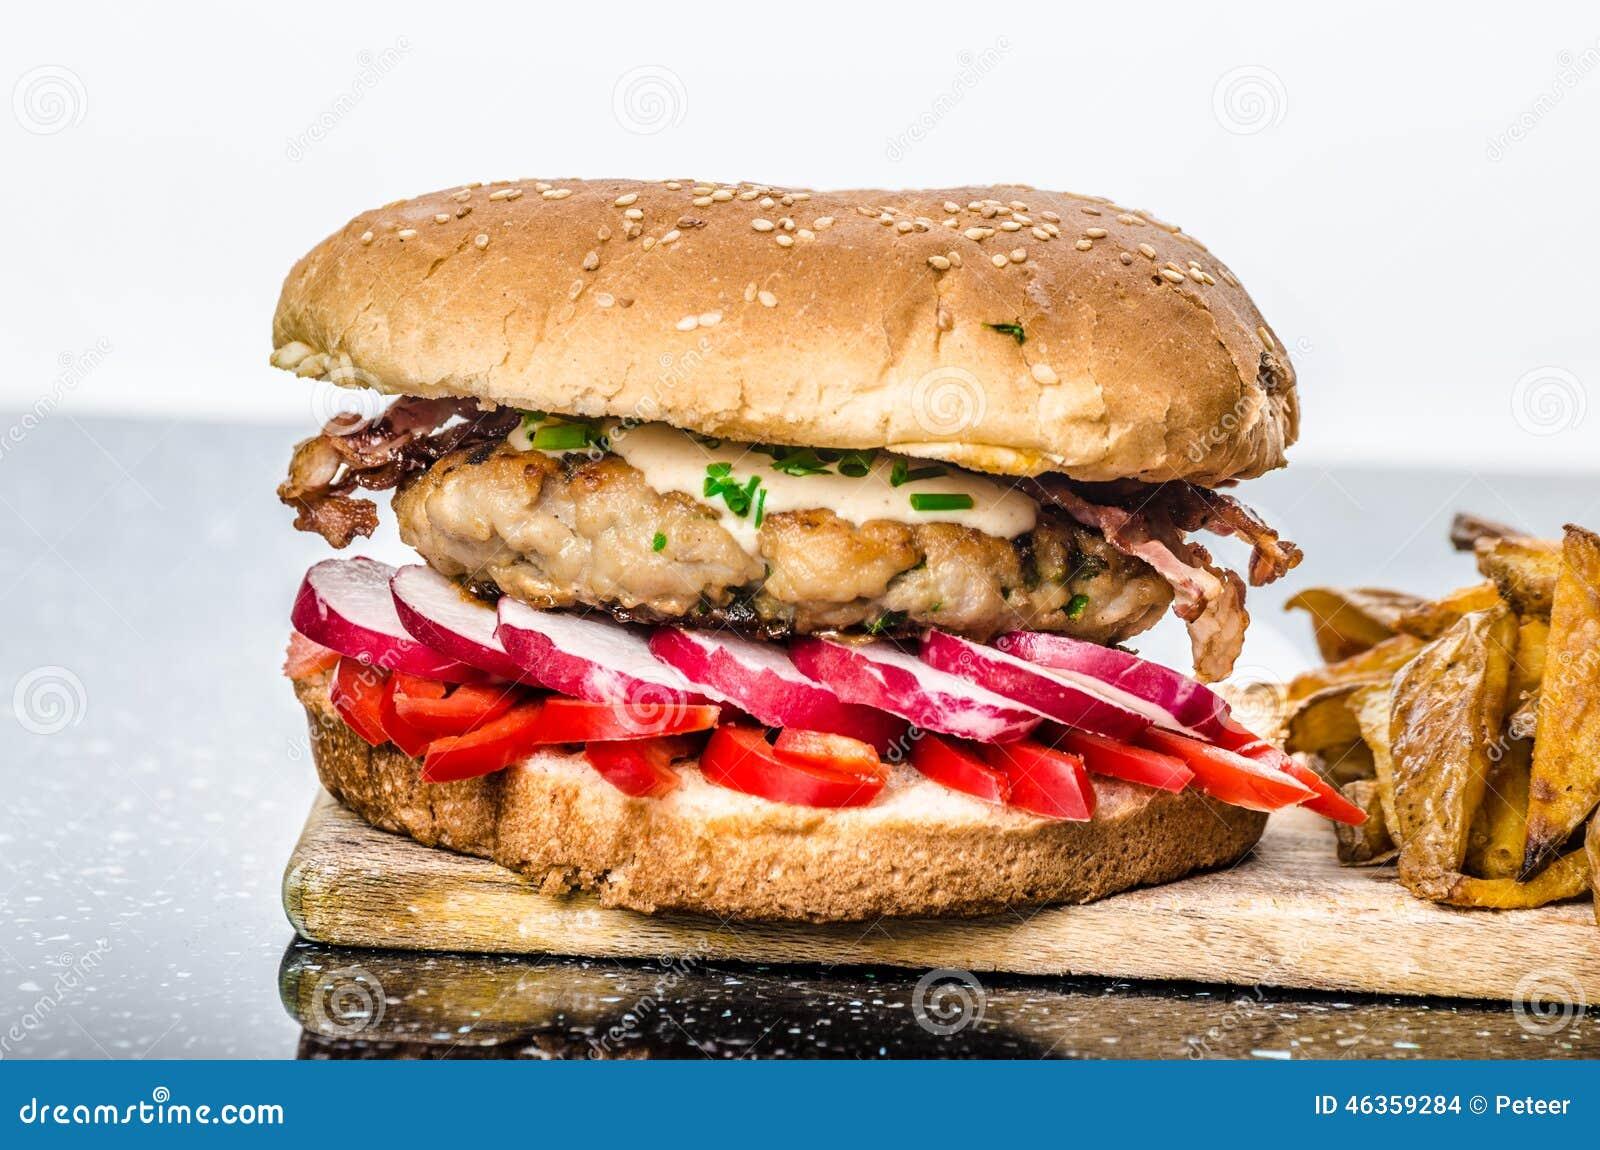 Huhnerburger gesunder burger stockfoto bild von for Burger küchen h ndler